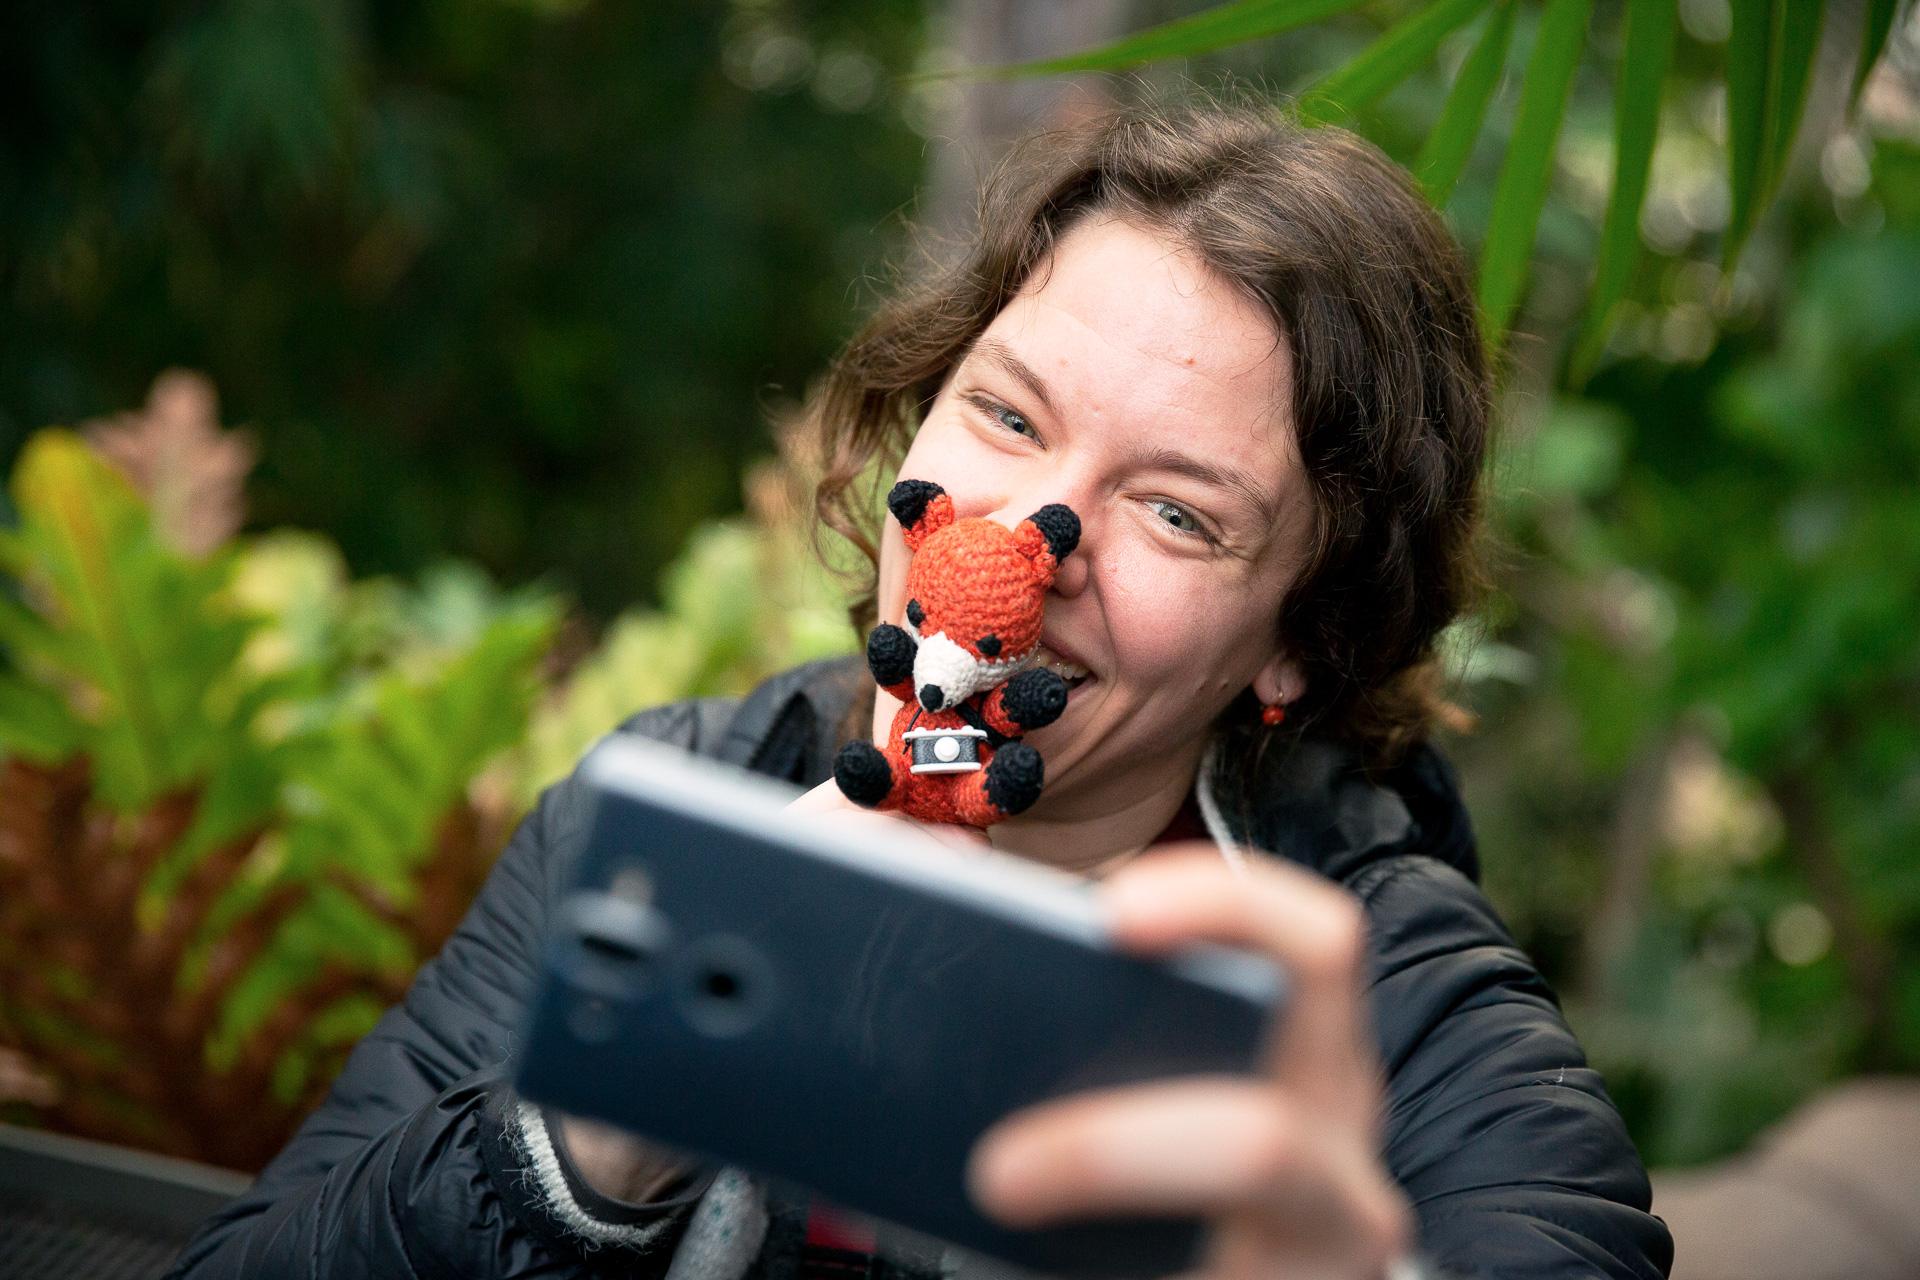 Bei unserem Fotokurs Ausgefuchste Handyfotos lernst du alles Wissenswerte über die Smartphone Fotografie. Wir zeigen dir, wie du das Beste aus deiner Handy-Kamera heraus holst.